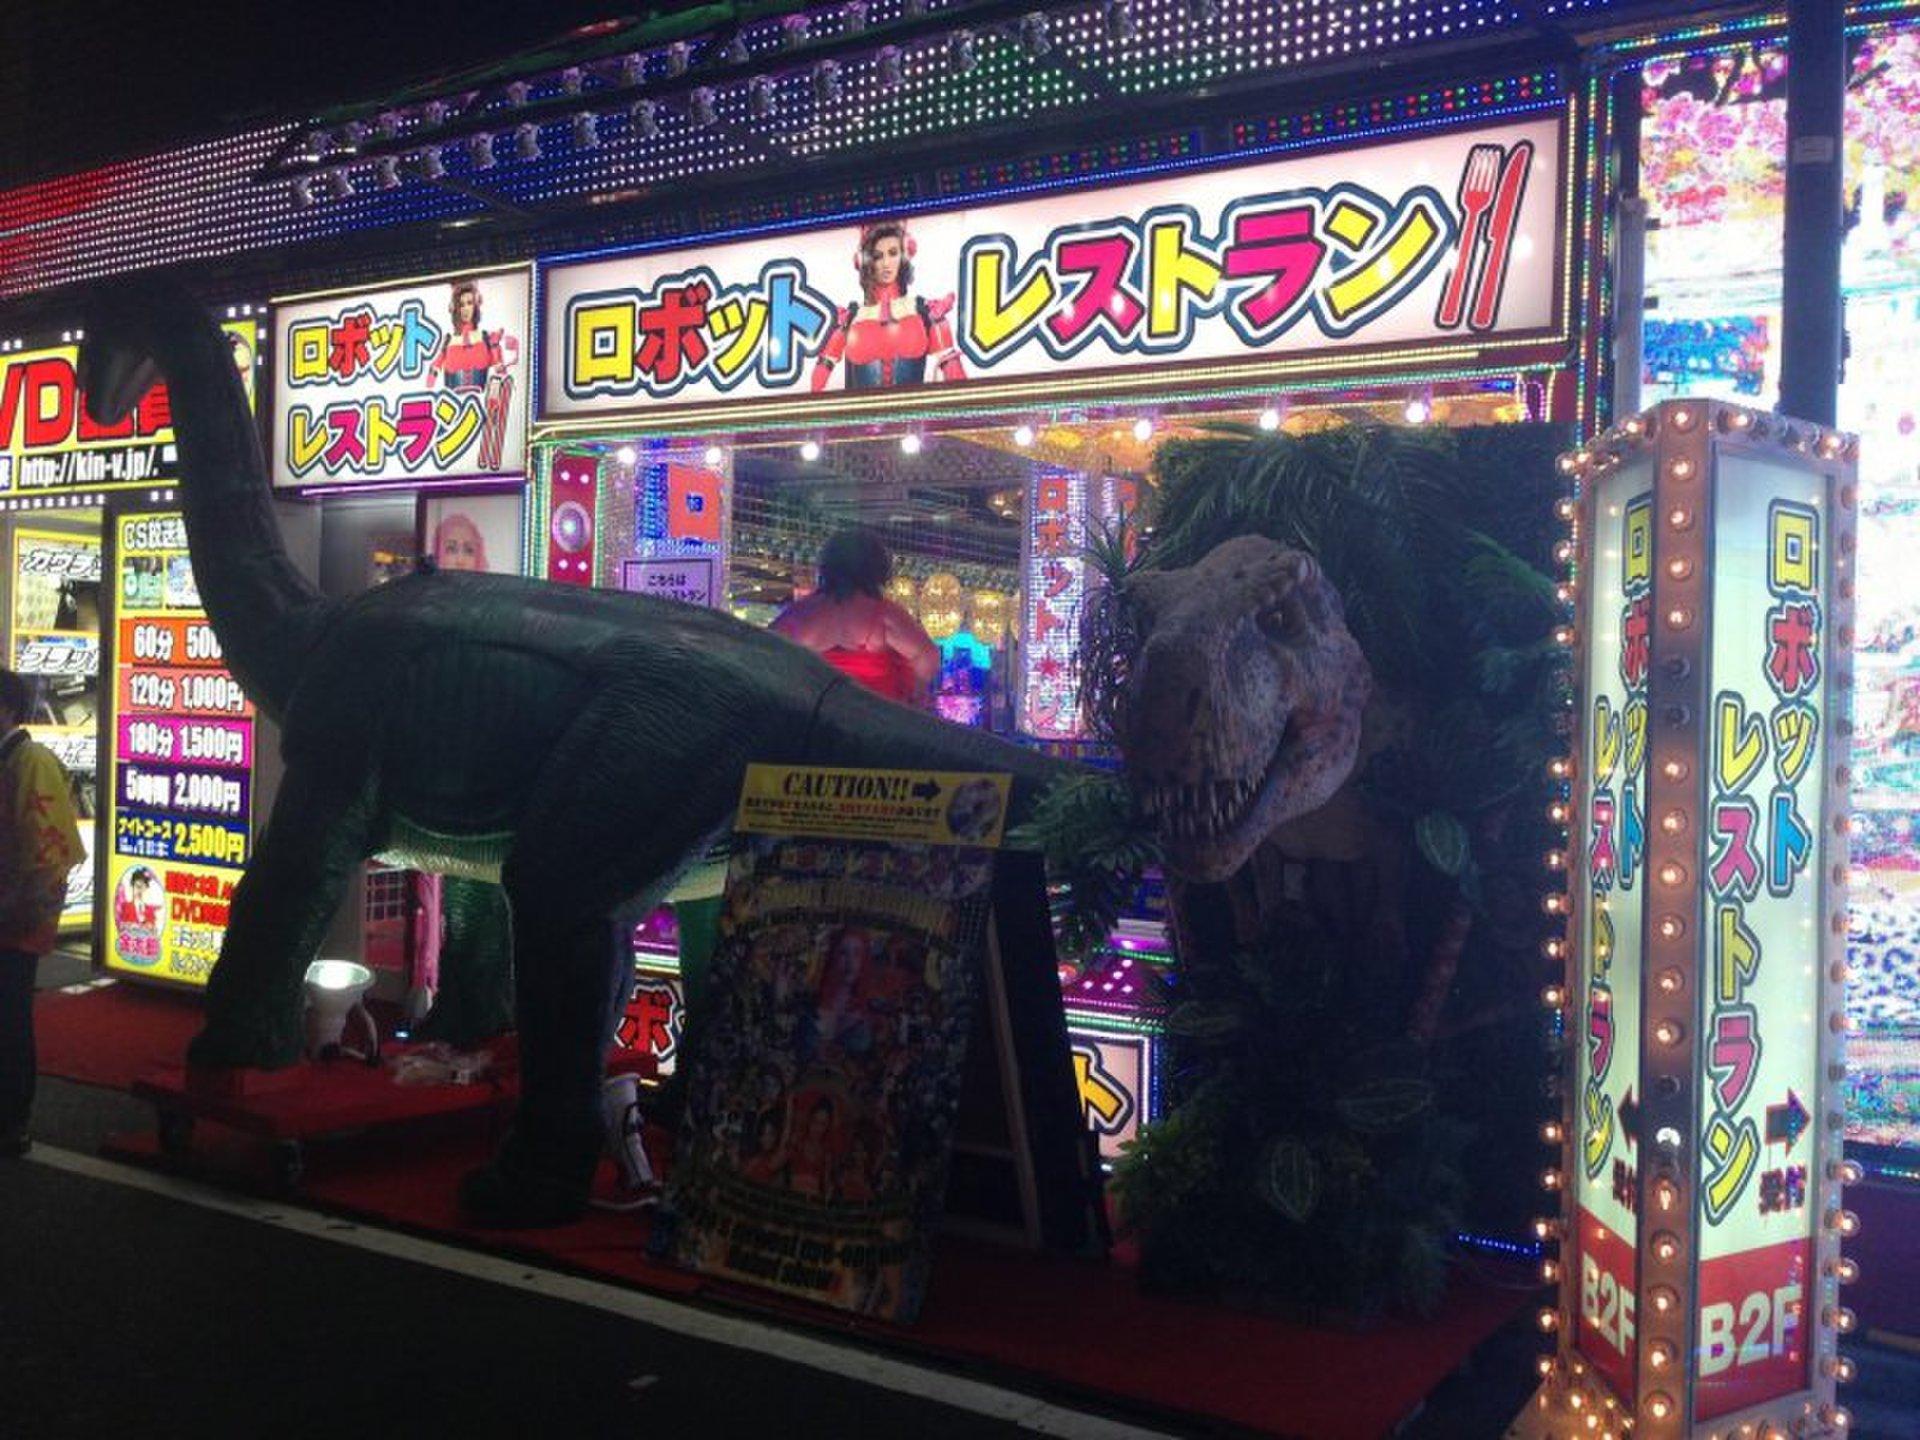 朝も夜も輝き続ける新宿の魅力を最大限楽しめるデート!!ロボットから何でもアリ!